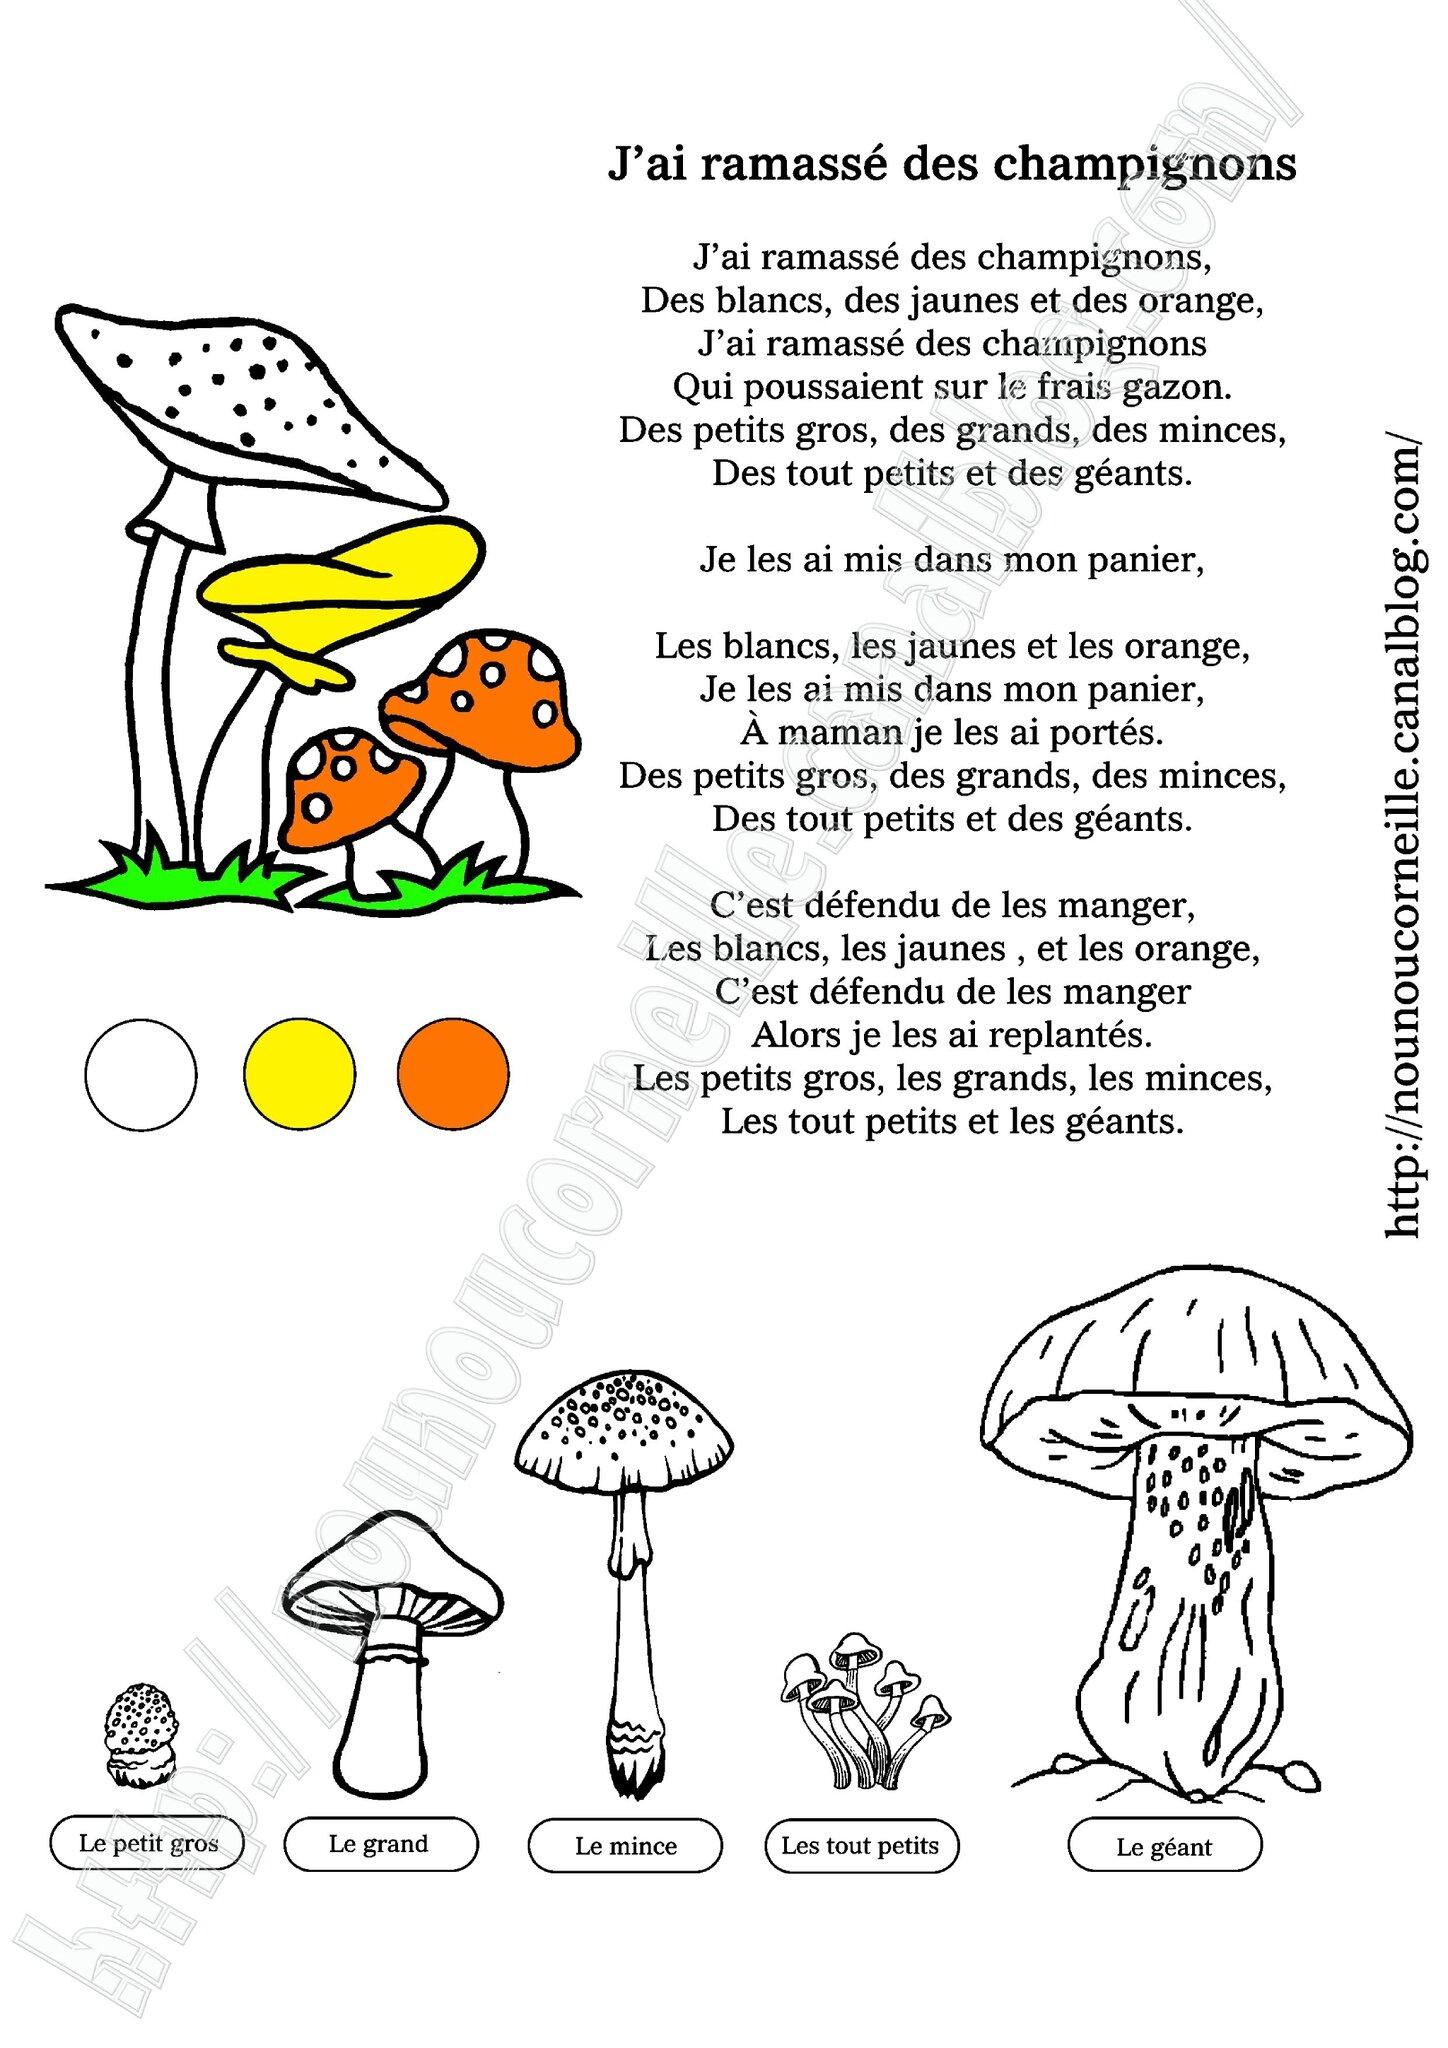 J'ai ramassé des champignons couleurs fili